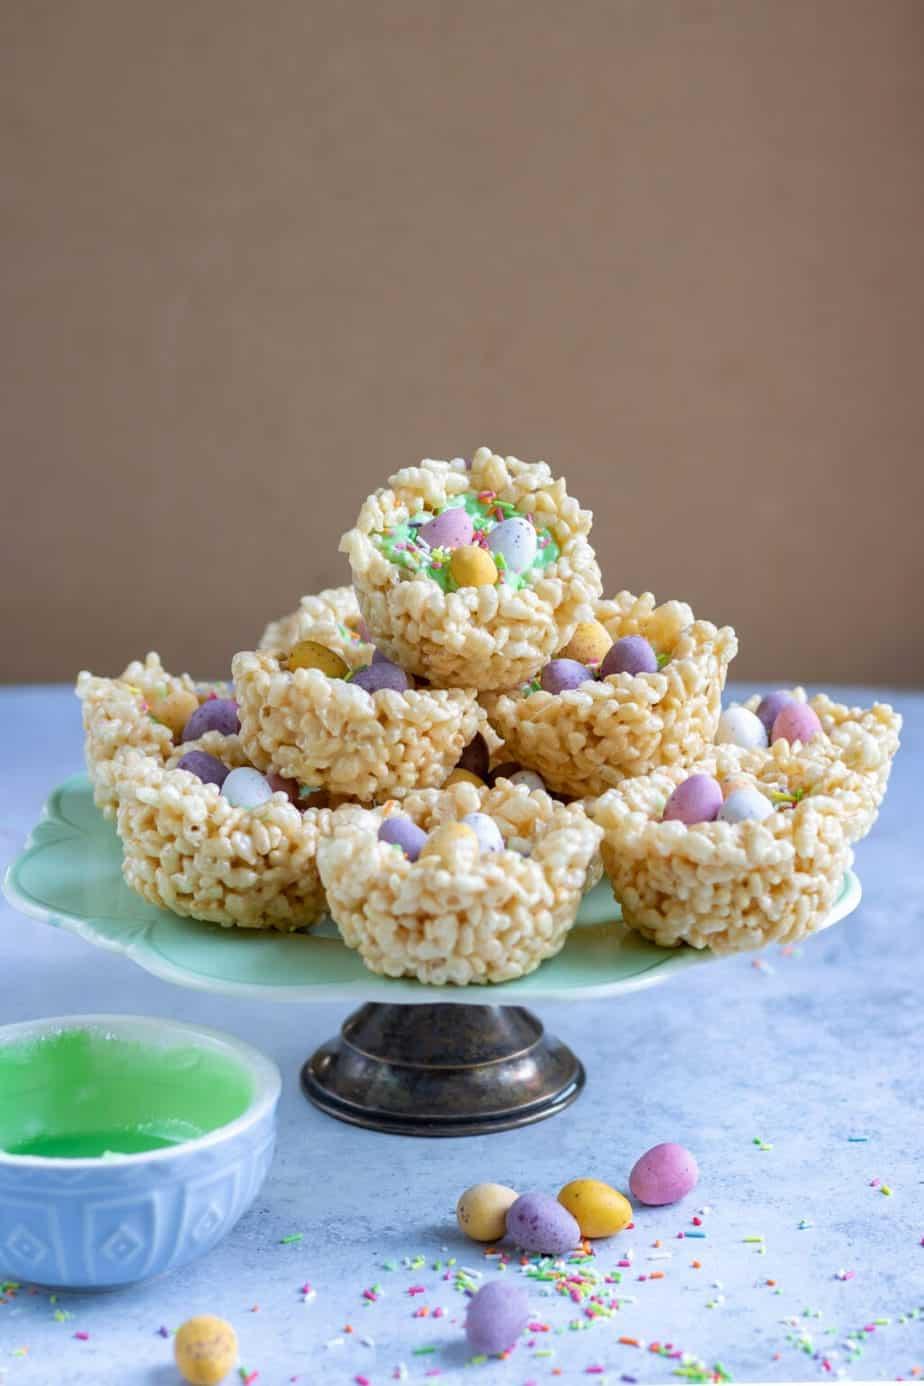 Easter rice krispy egg nests full of candy.